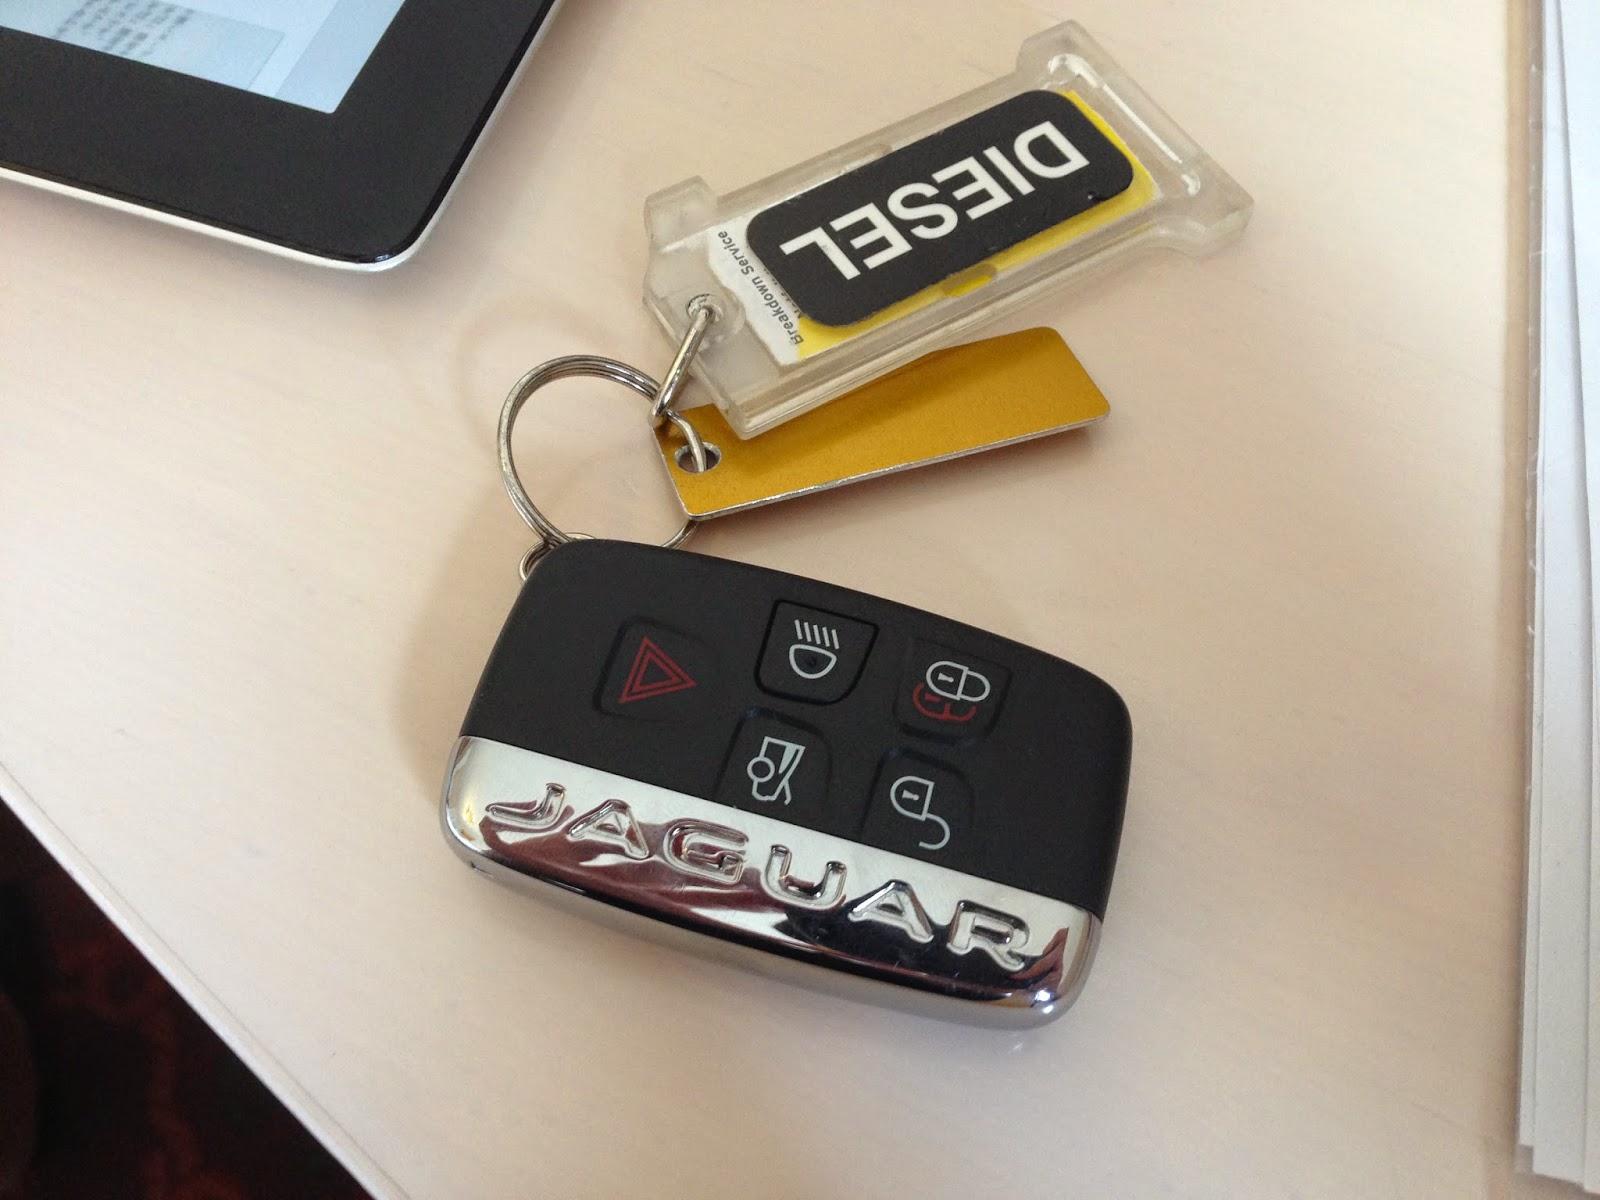 jaguar-key ジャガーの鍵